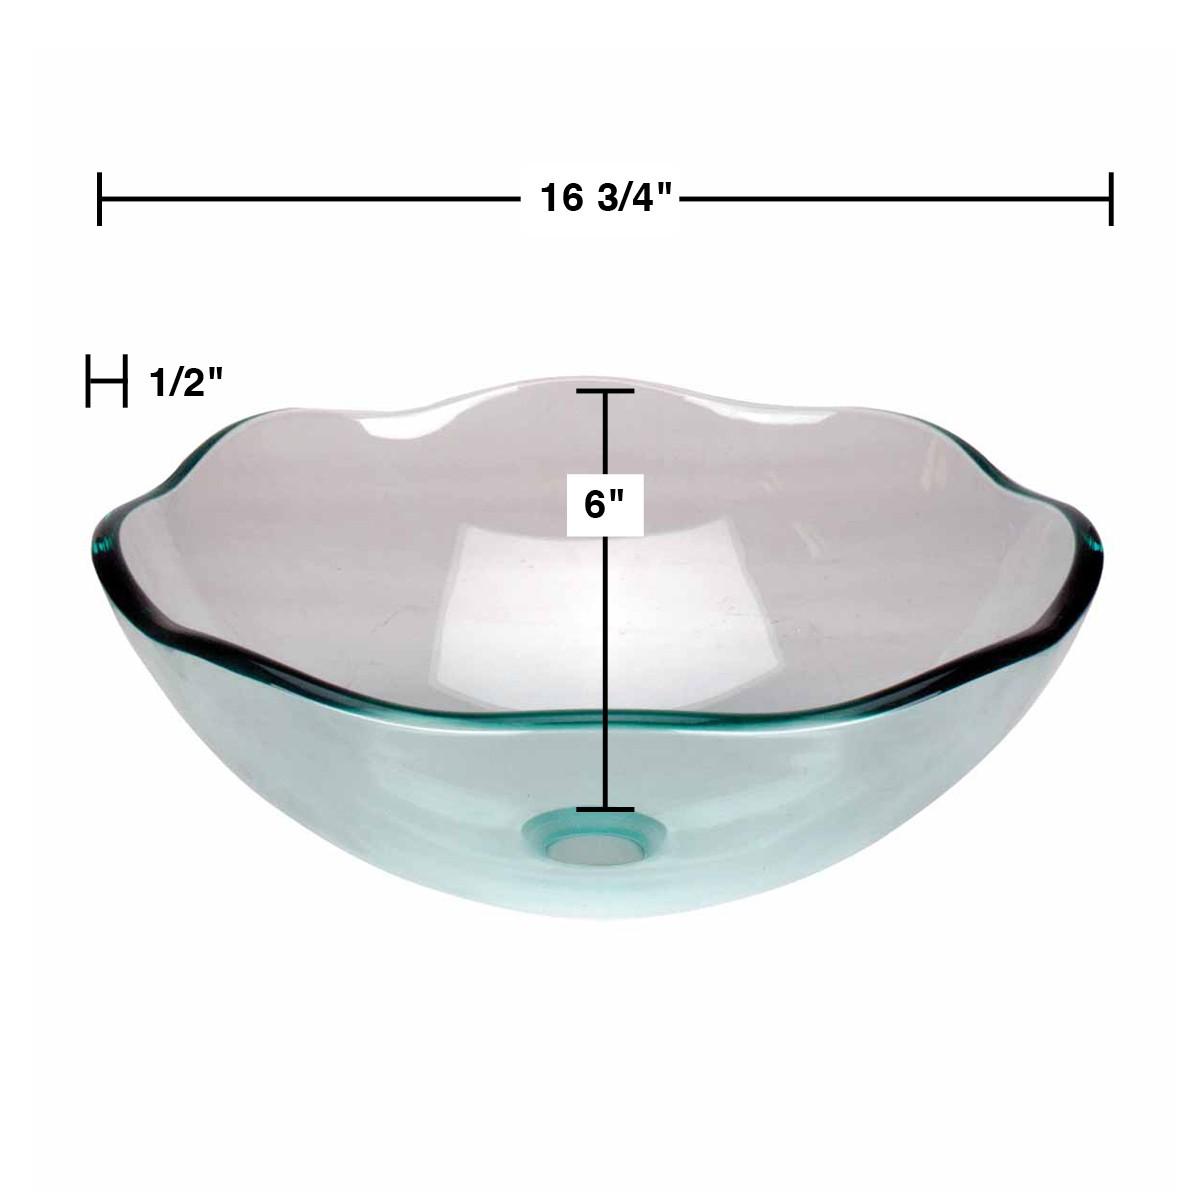 Glass Vessel Bathroom Sink Flower Shape Green Clear Drain In